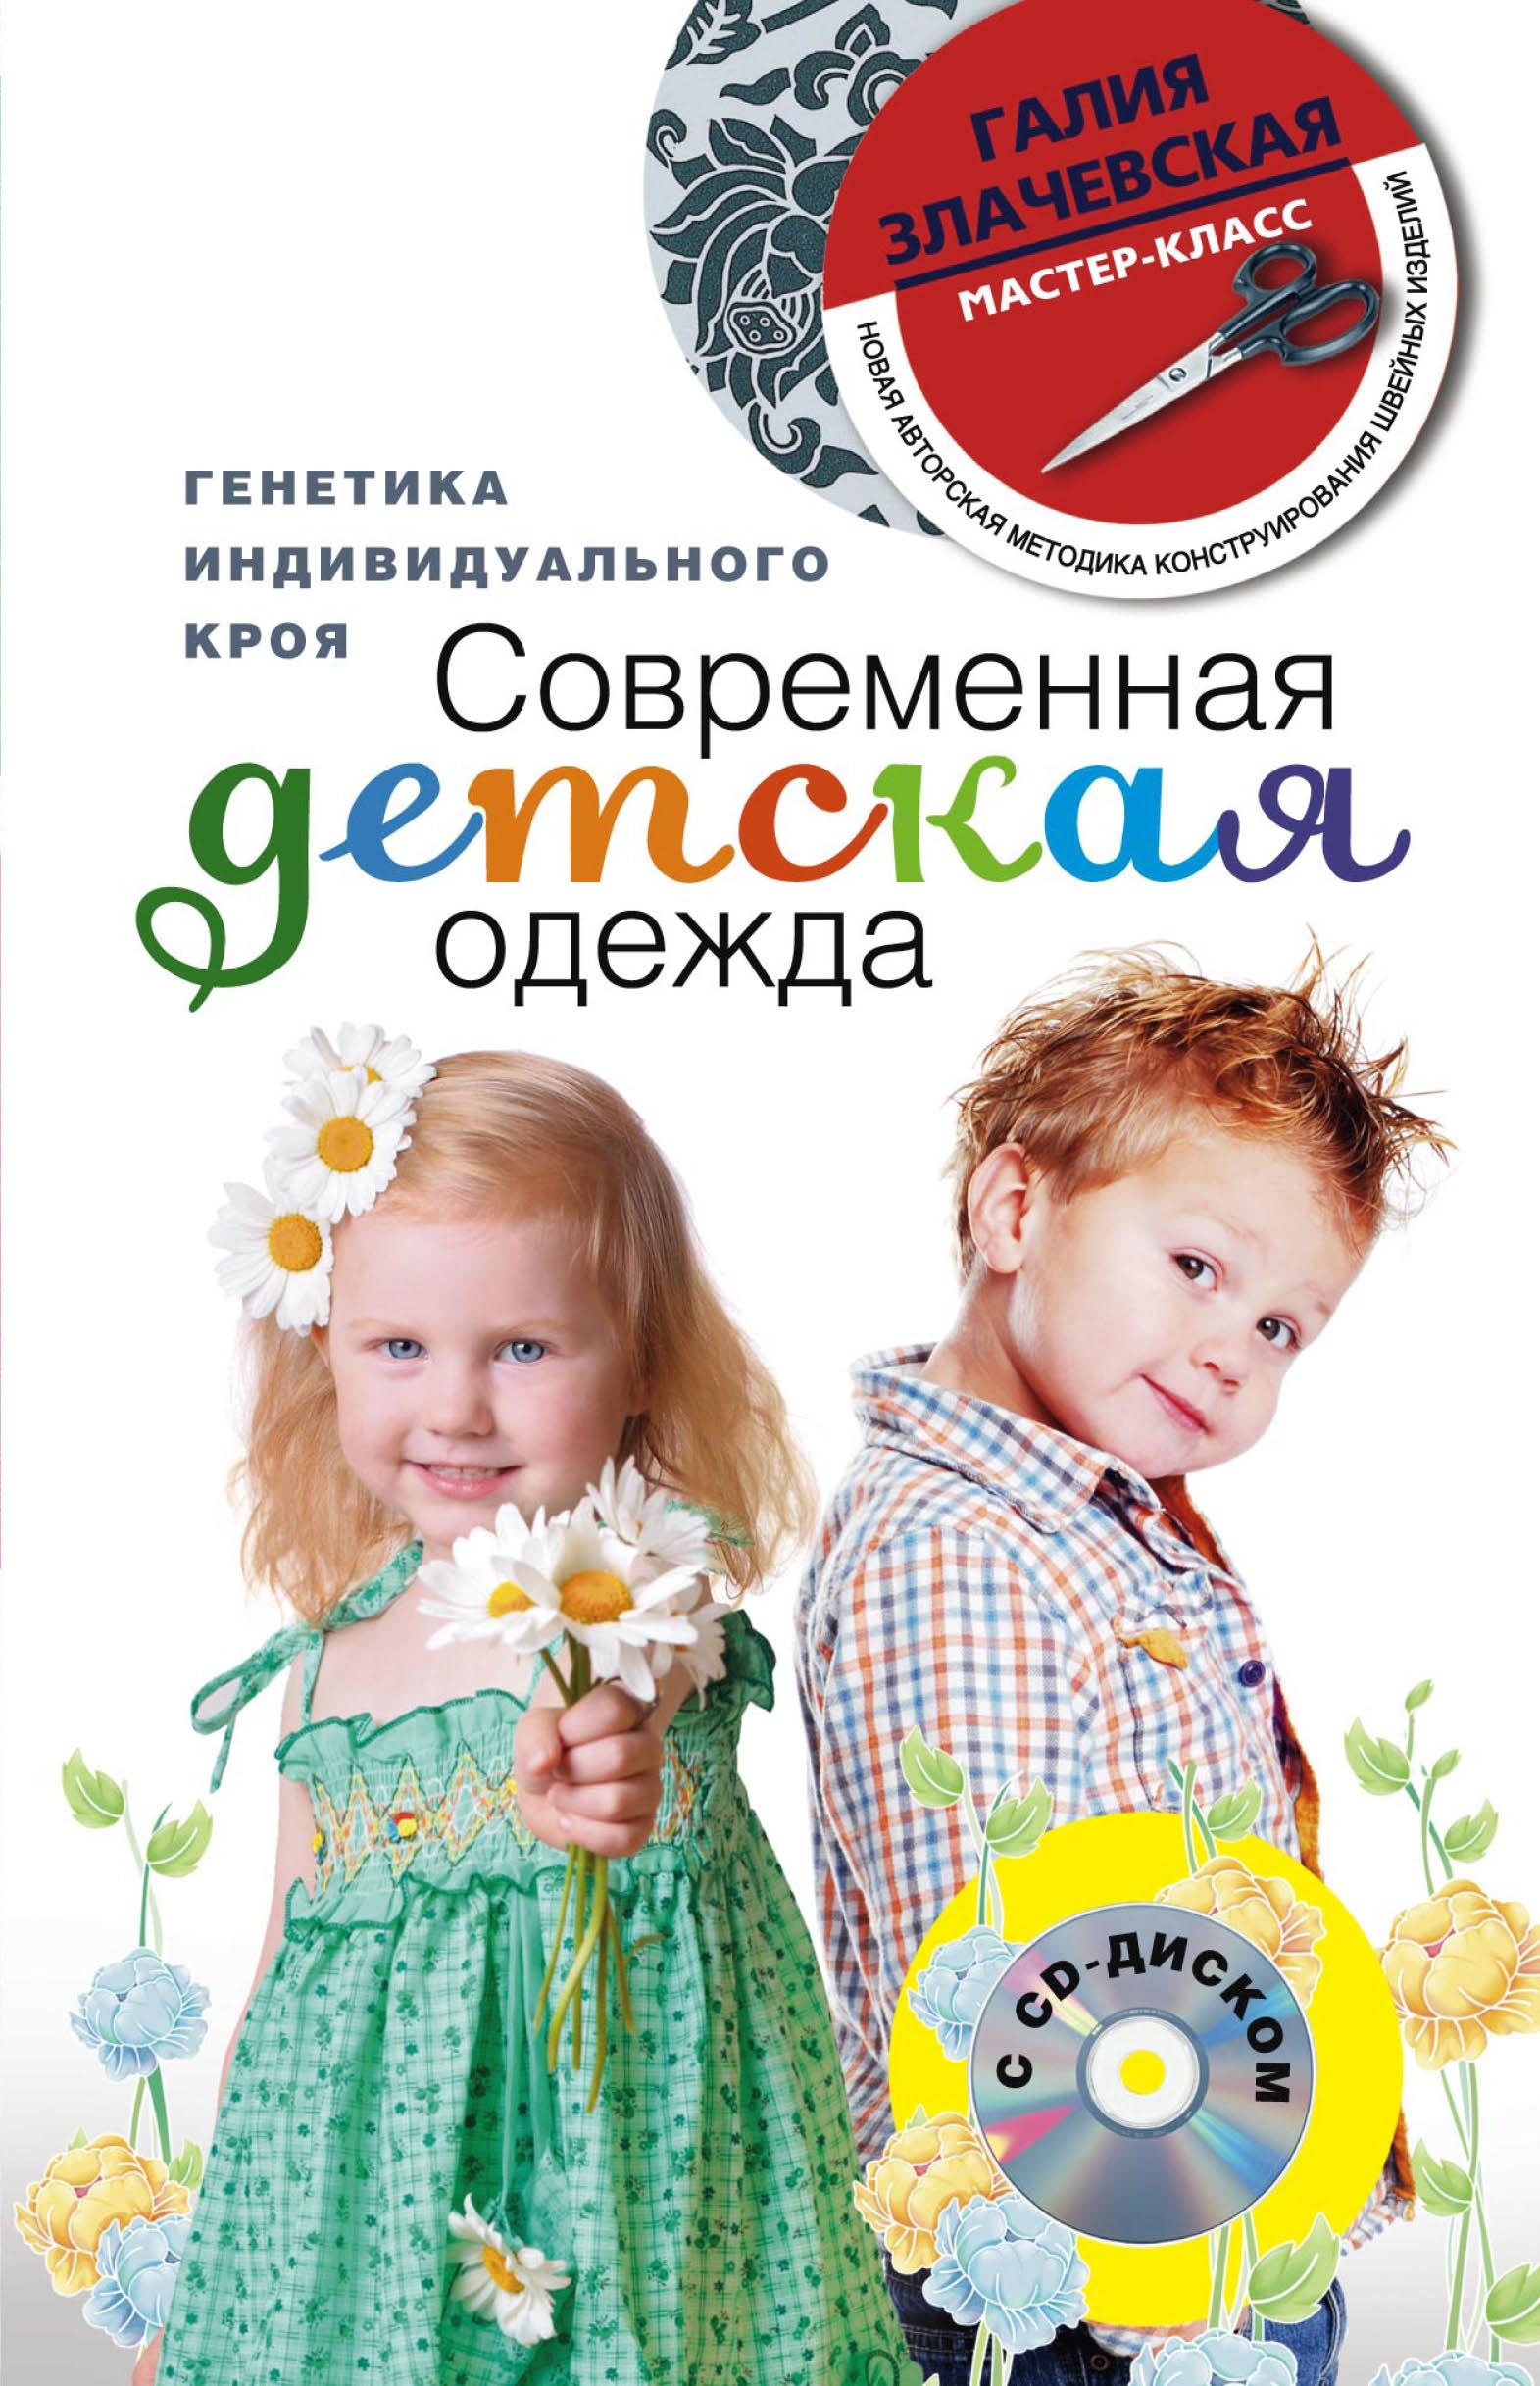 Современная детская одежда. Генетика индивидуального кроя